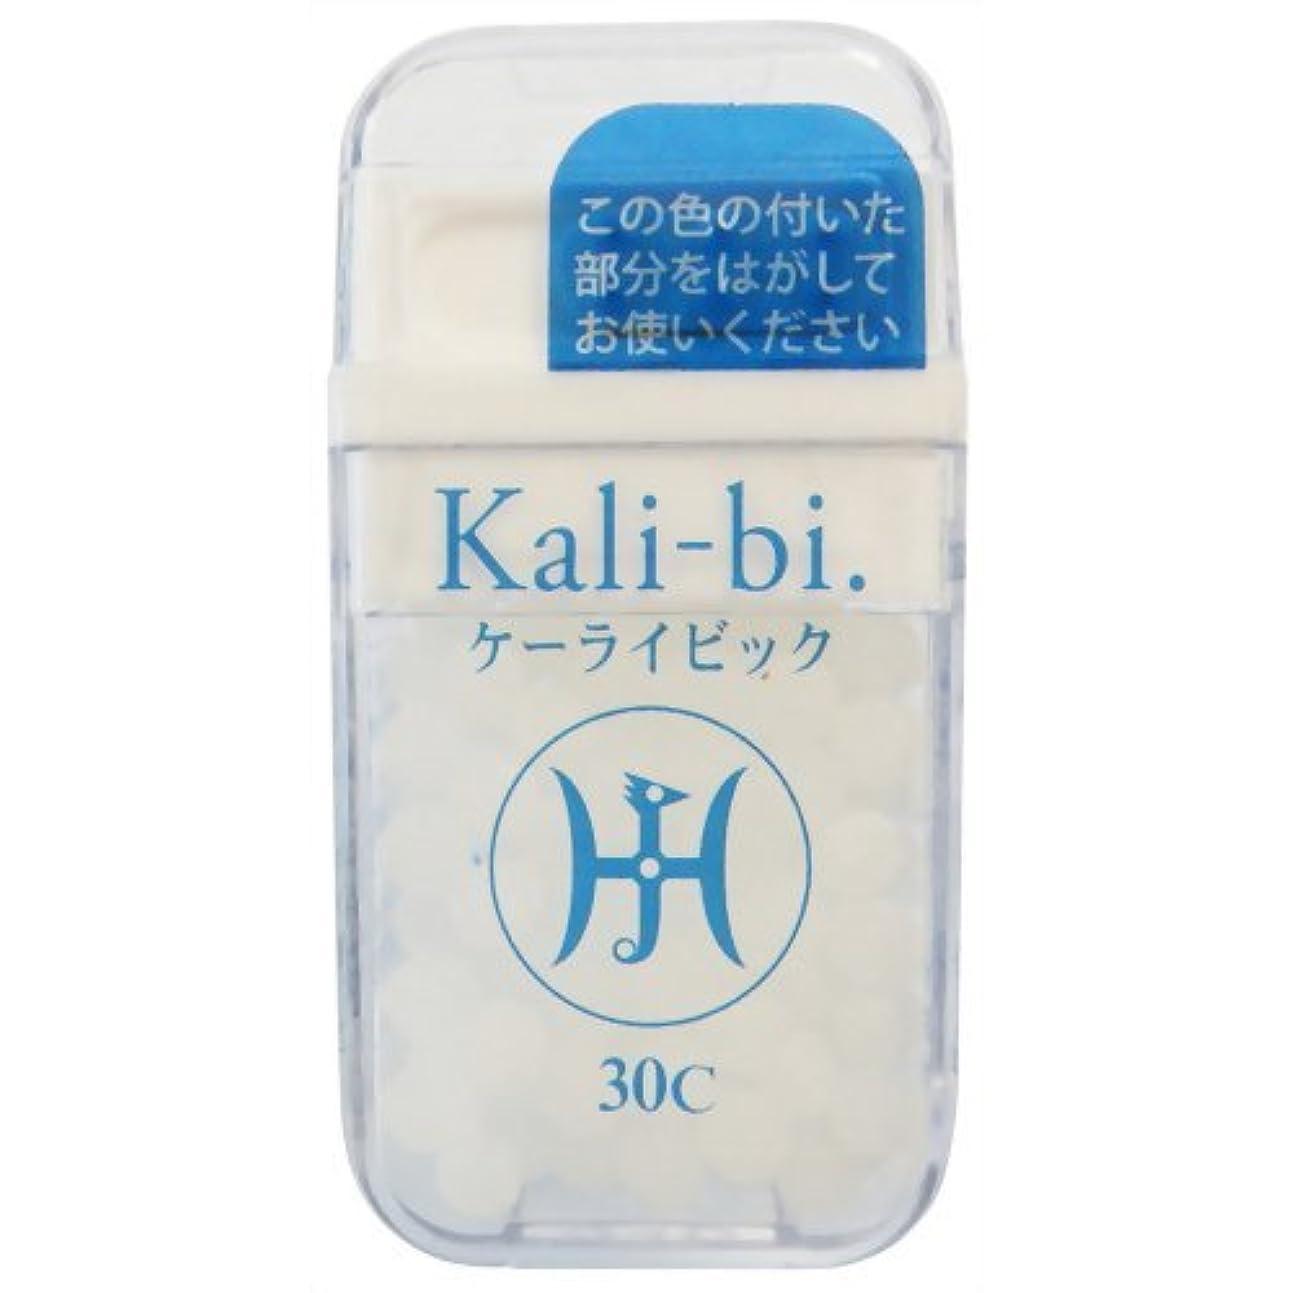 感謝祭自信がある官僚ホメオパシージャパンレメディー Kali-bi.  ケーライビック 30C (大ビン)